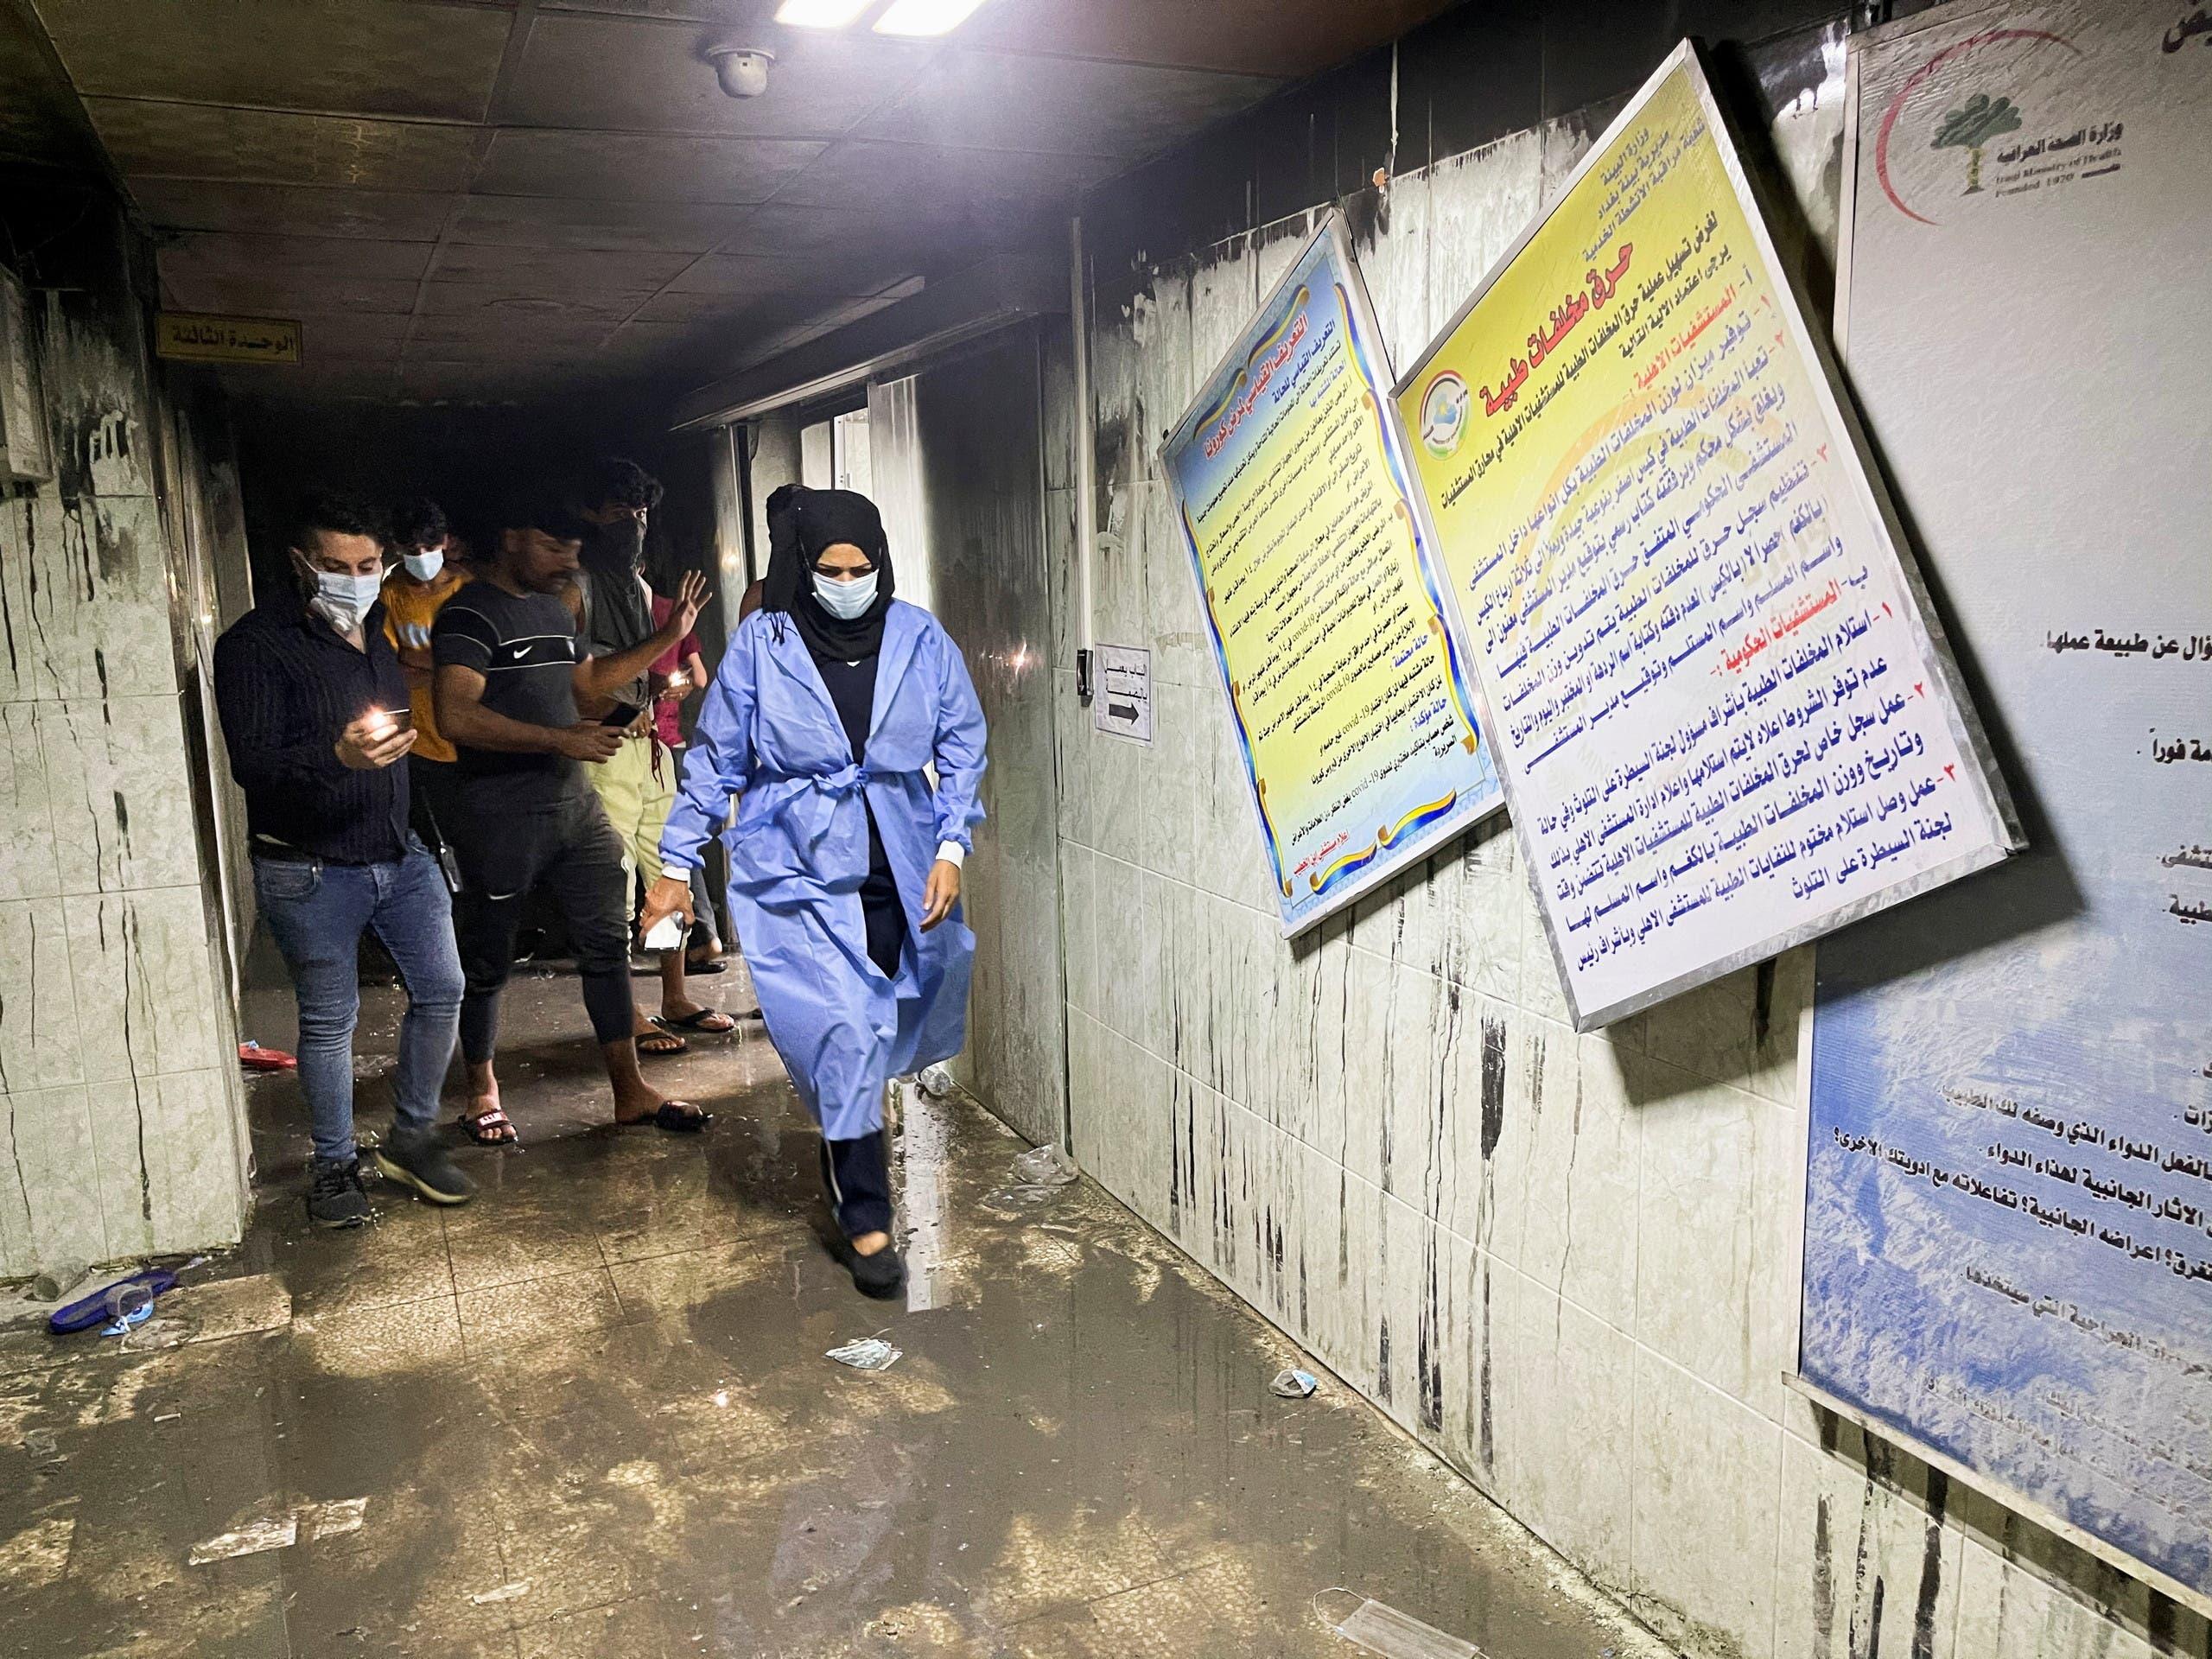 آتشسوزی در بخش ویژه کرونای بغداد